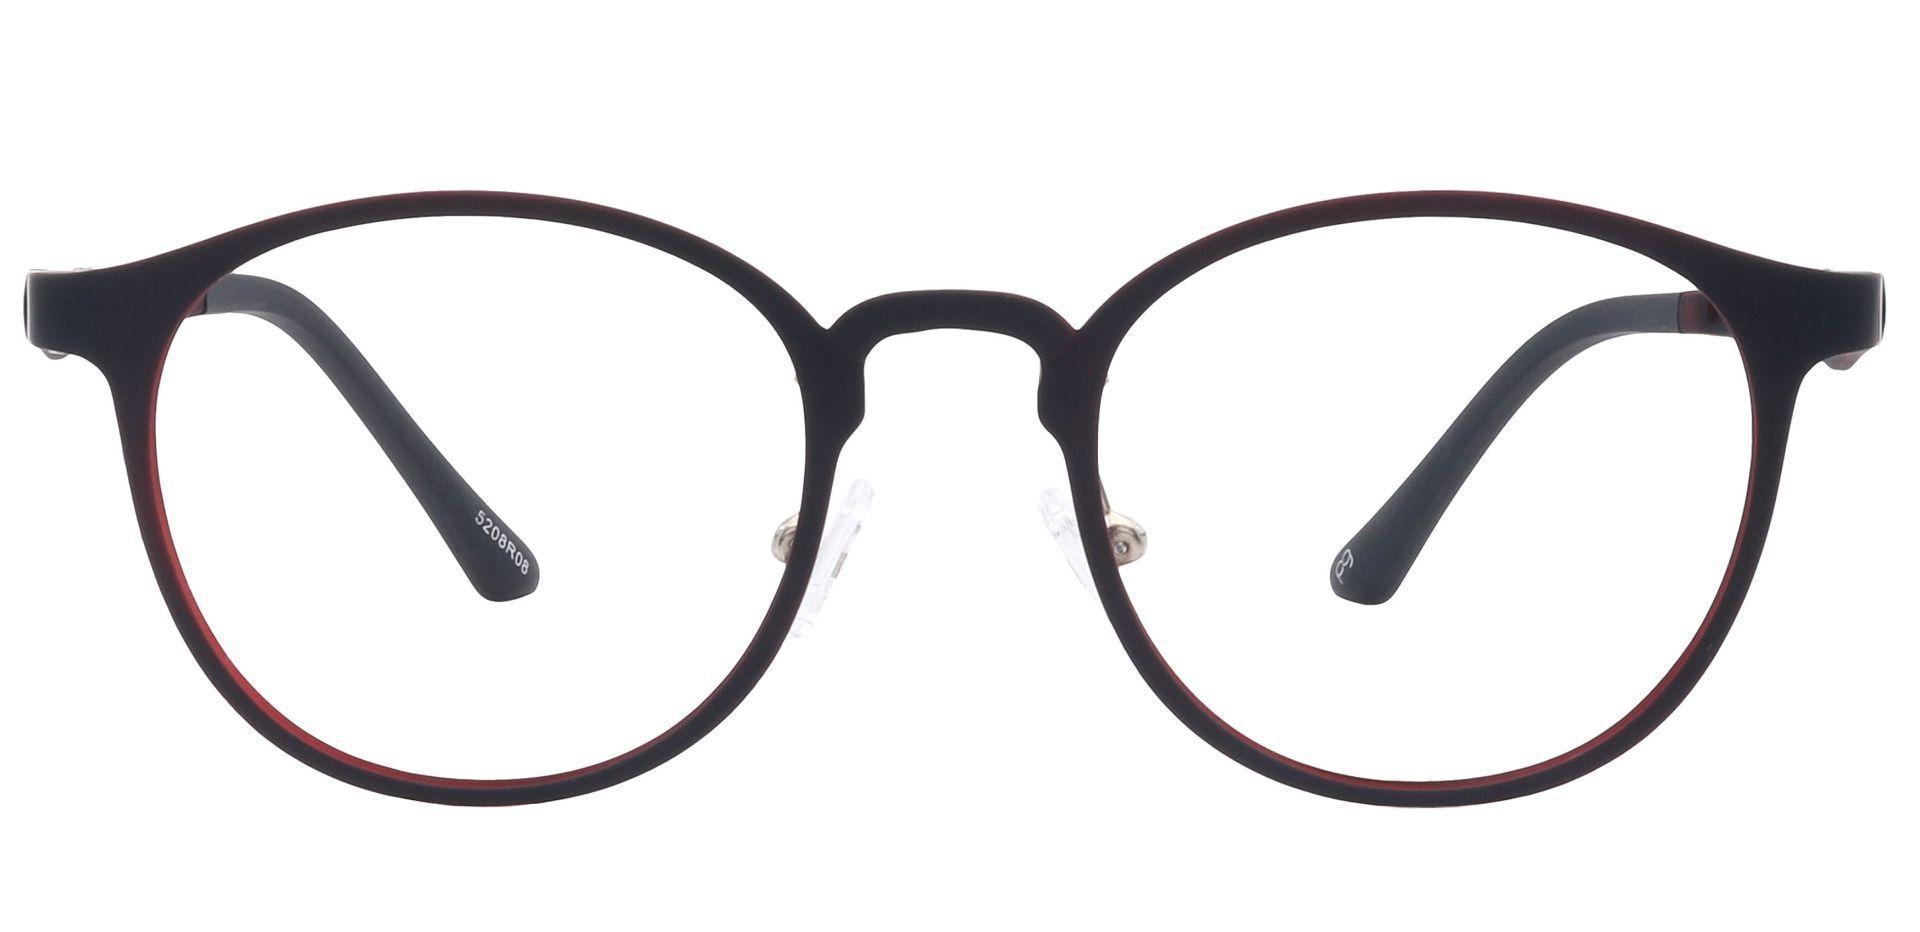 Nimbus Oval Non-Rx Glasses - Red